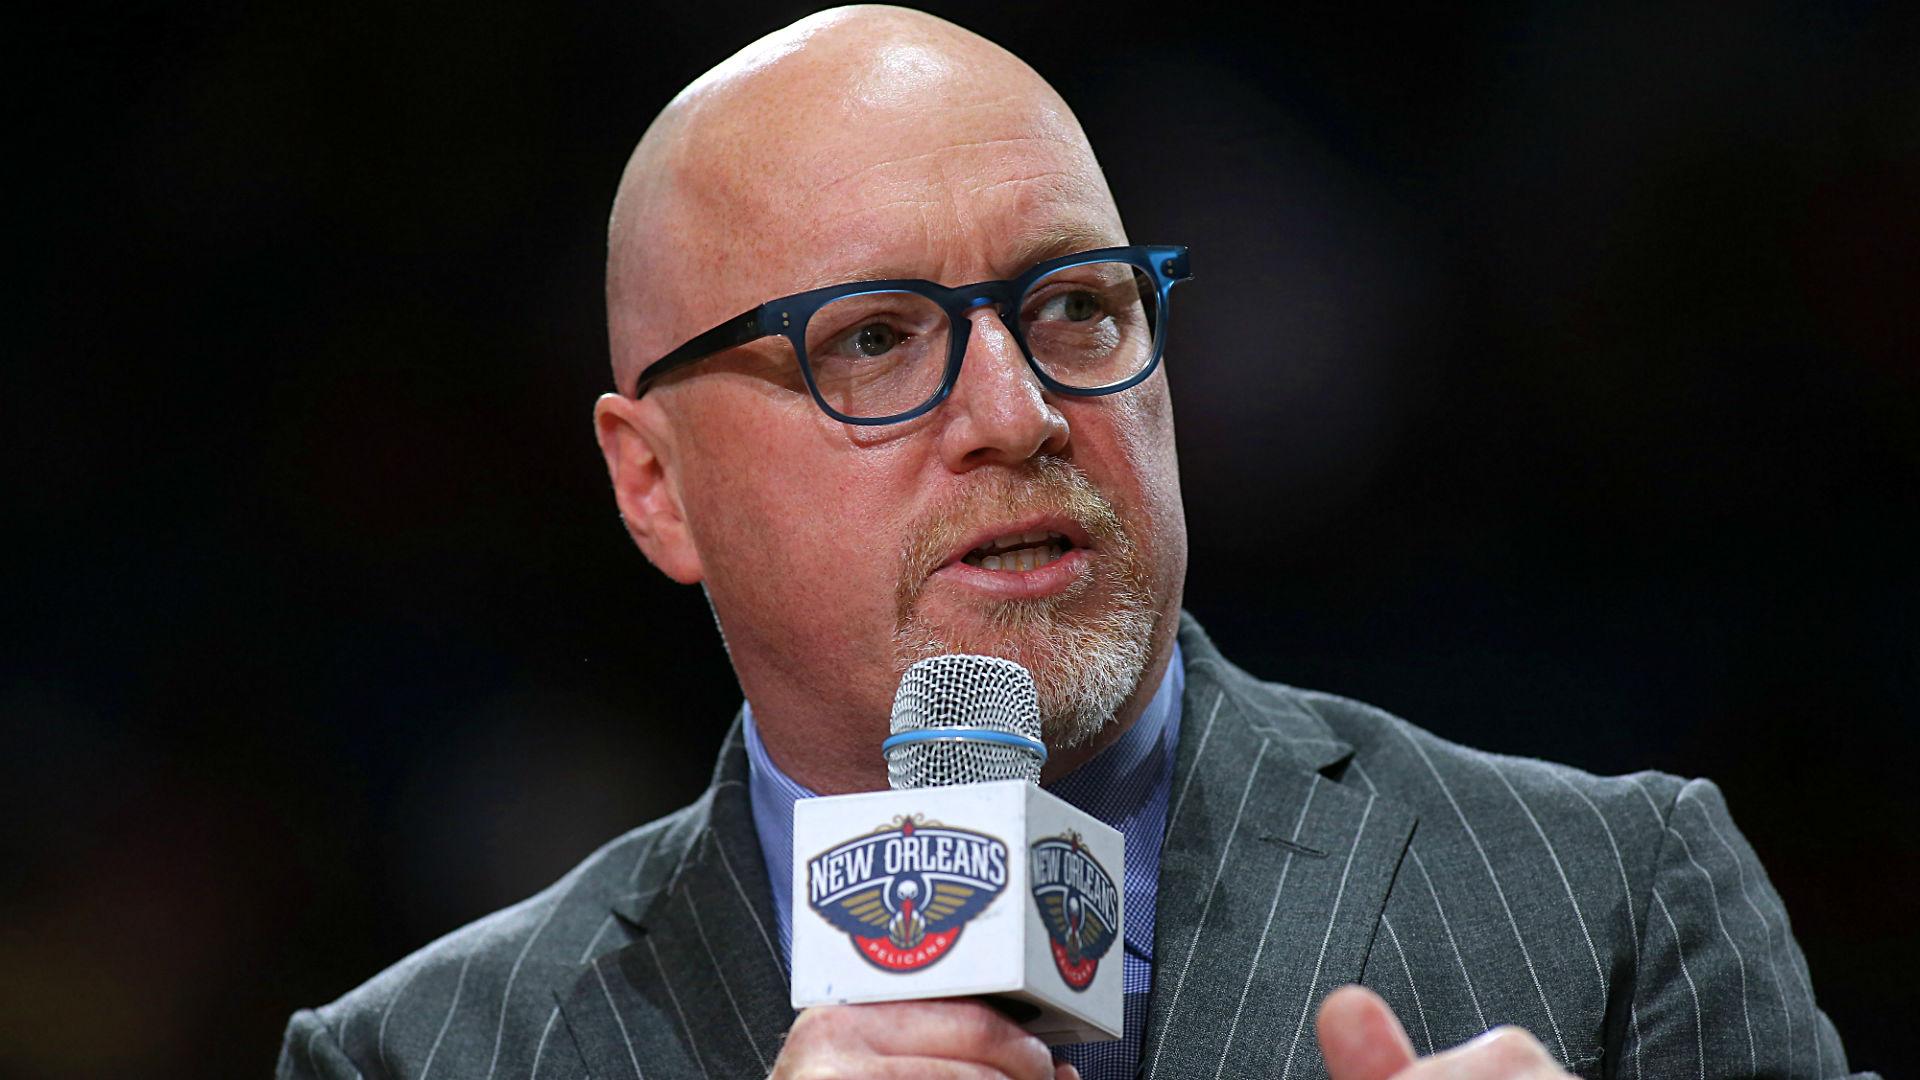 El vicepresidente de los Pelicans, David Griffin: la temporada de cancelación 'no está en absoluto' en la mente de la NBA 1